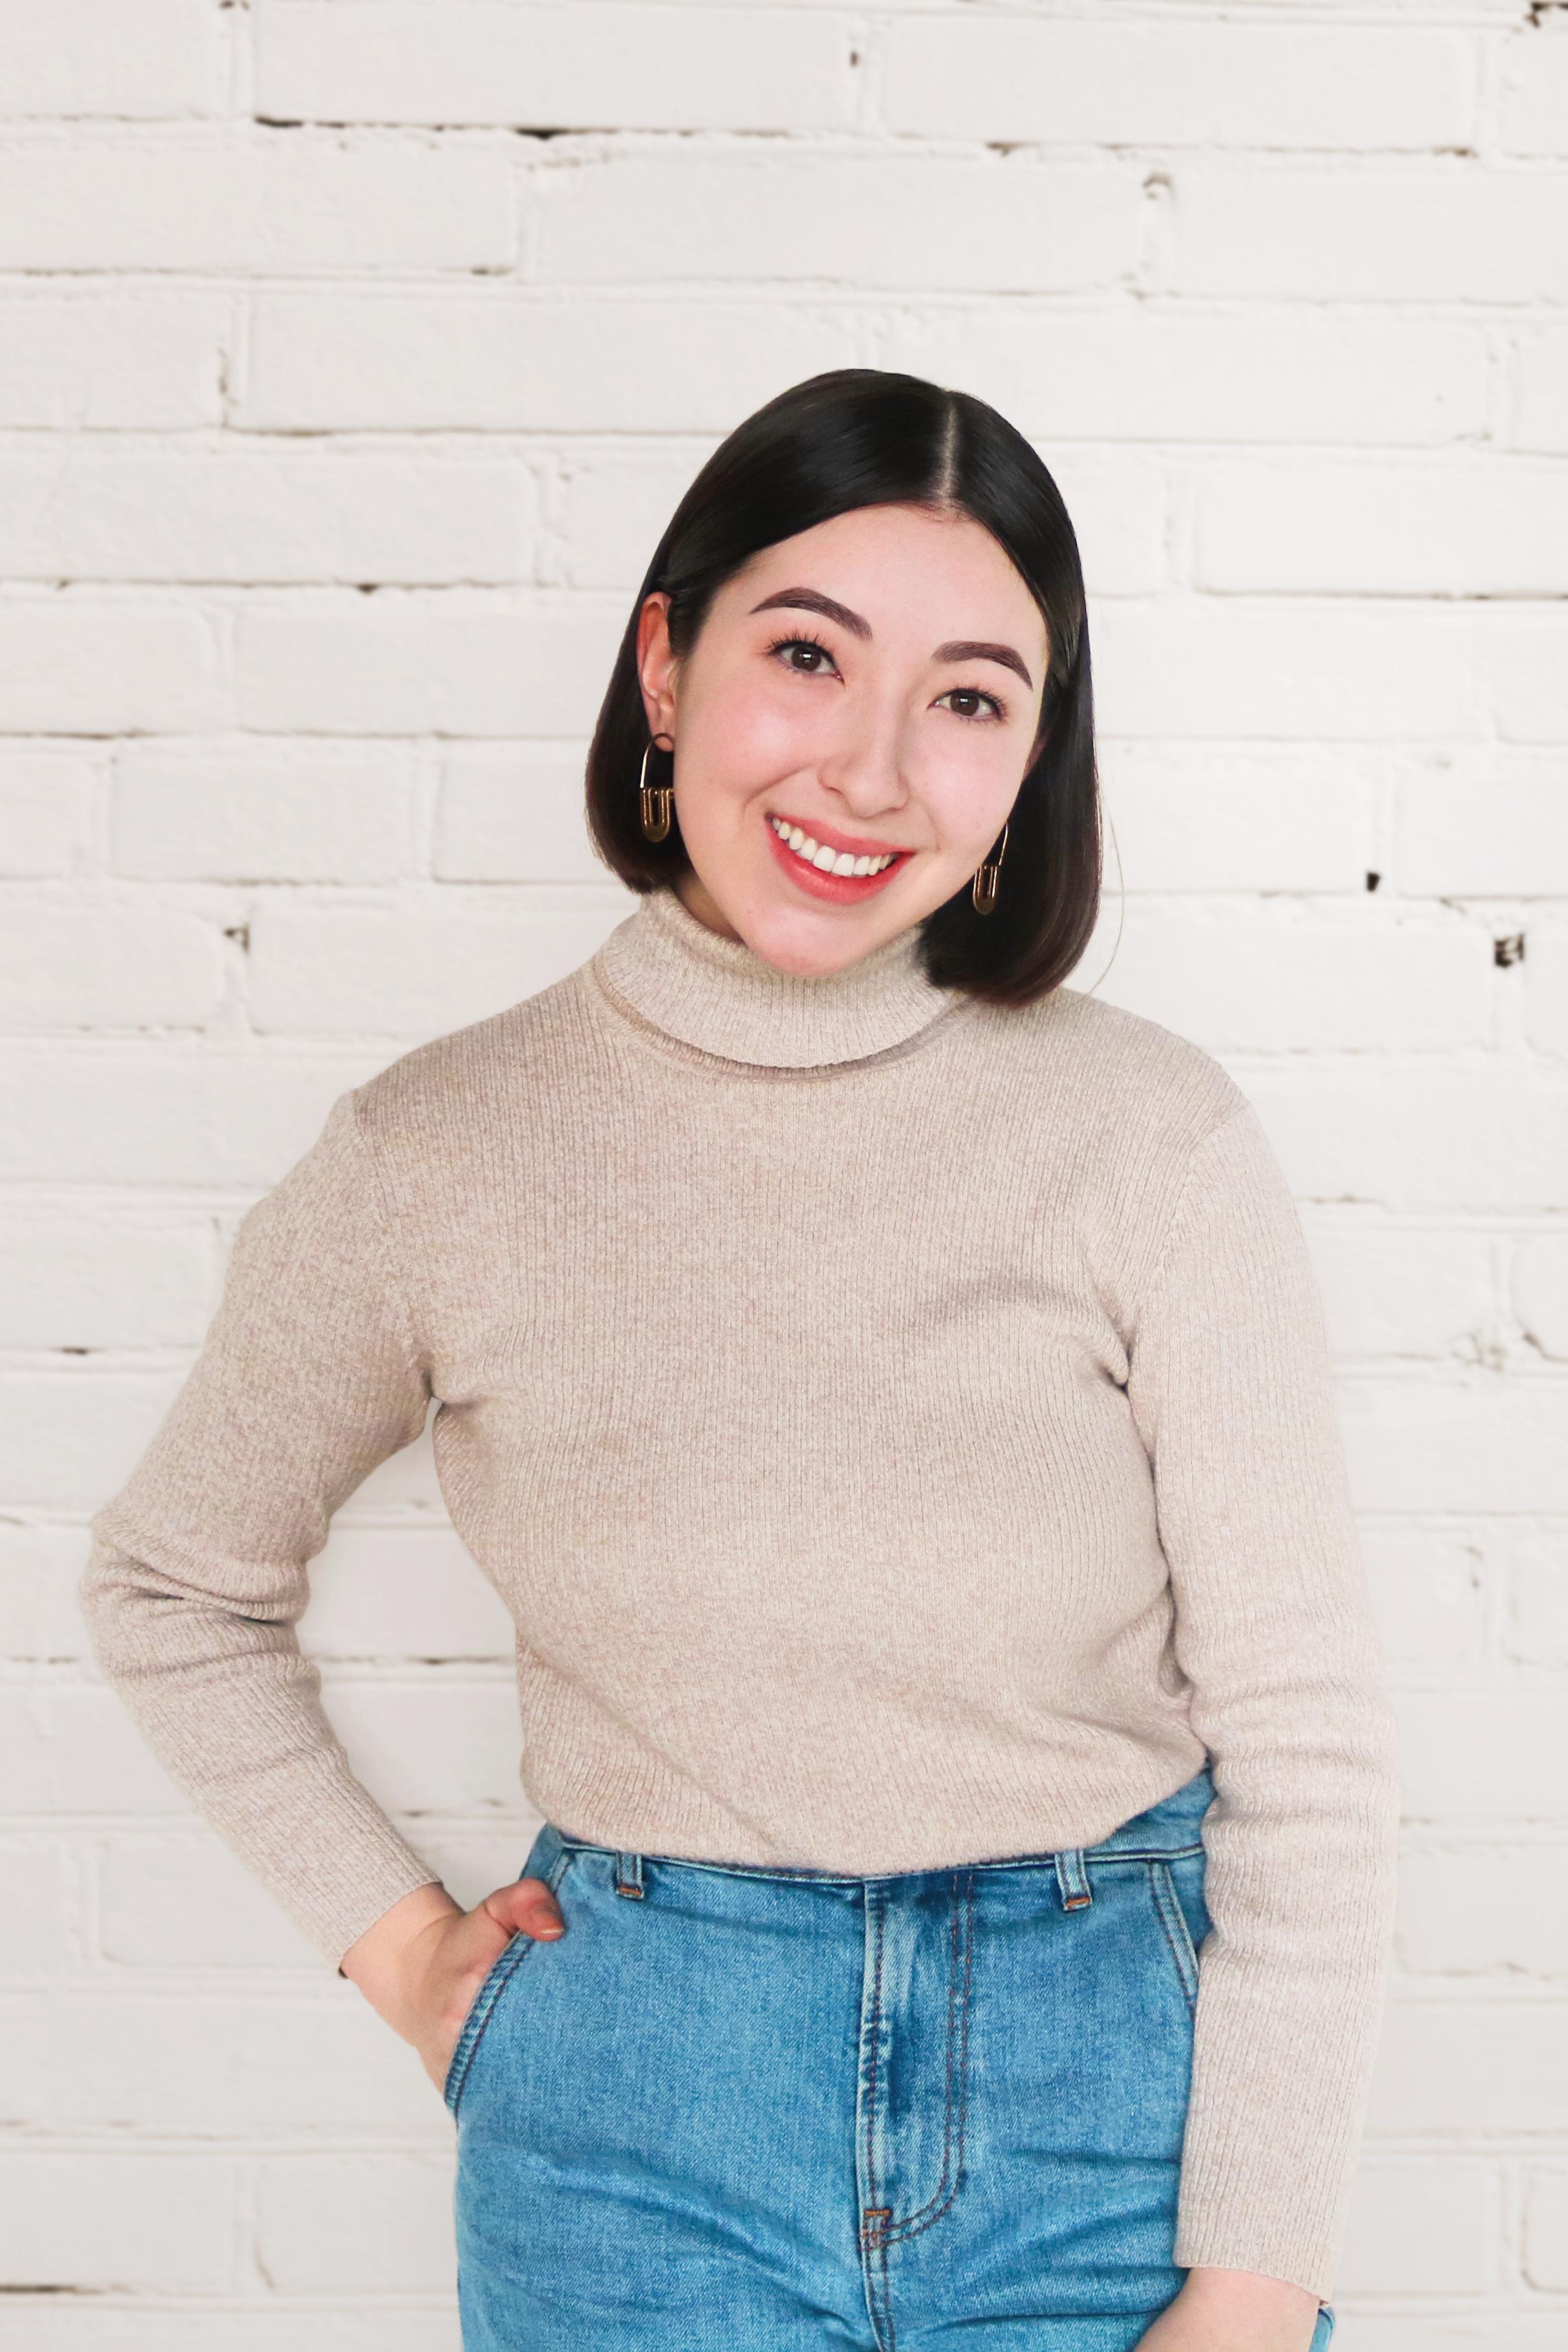 Courtney Ahn, Designer